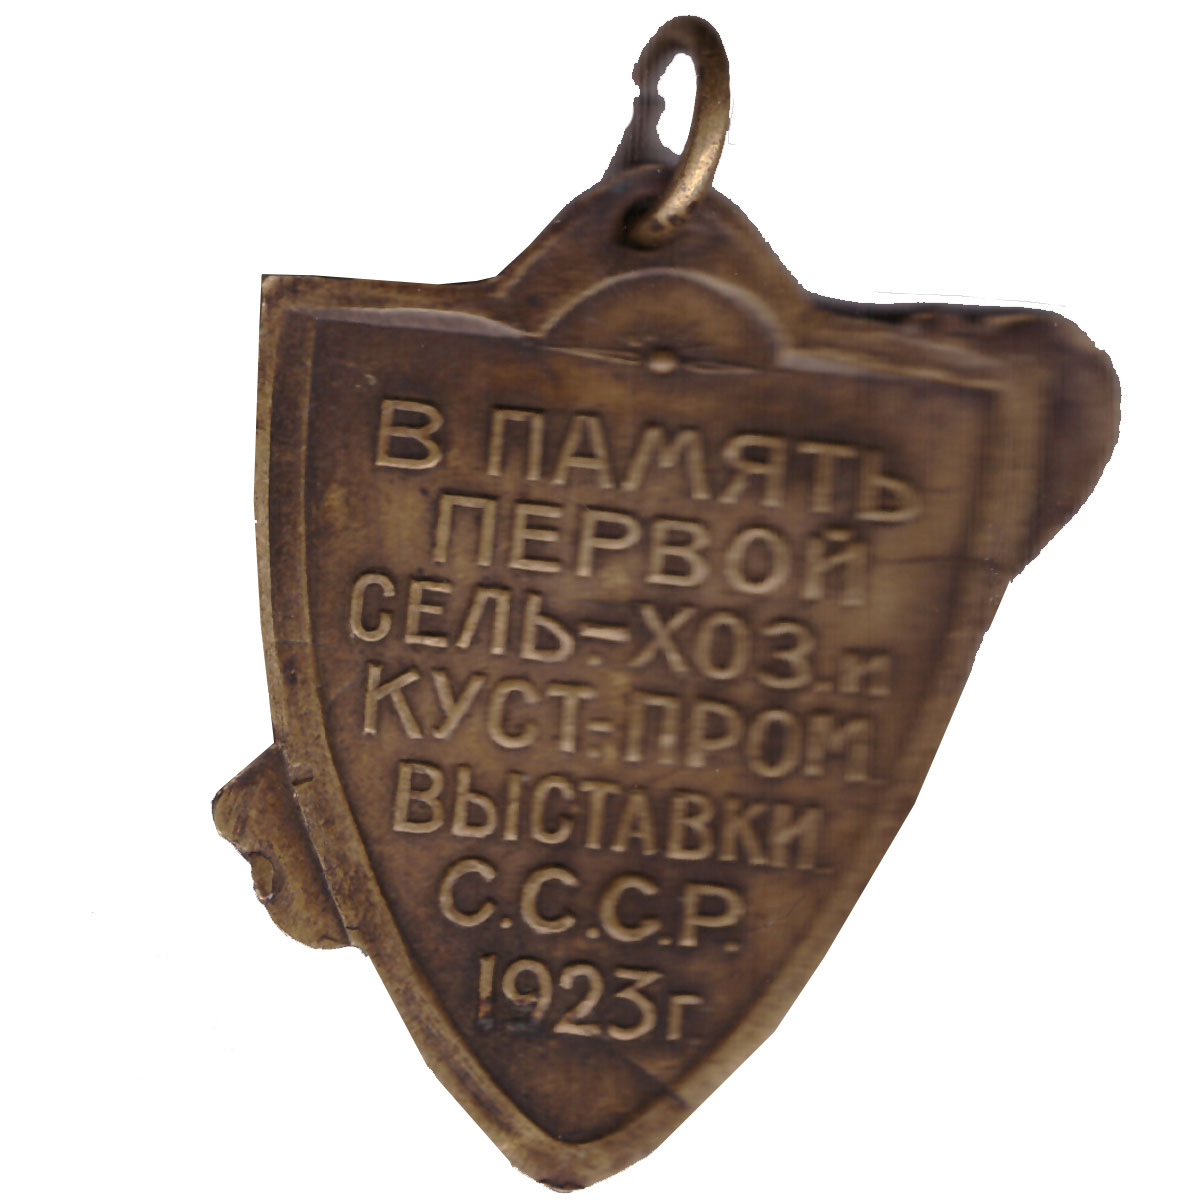 Жетон В память первой сель.-хоз. и куст. пром.выставки СССР. 1923 год.